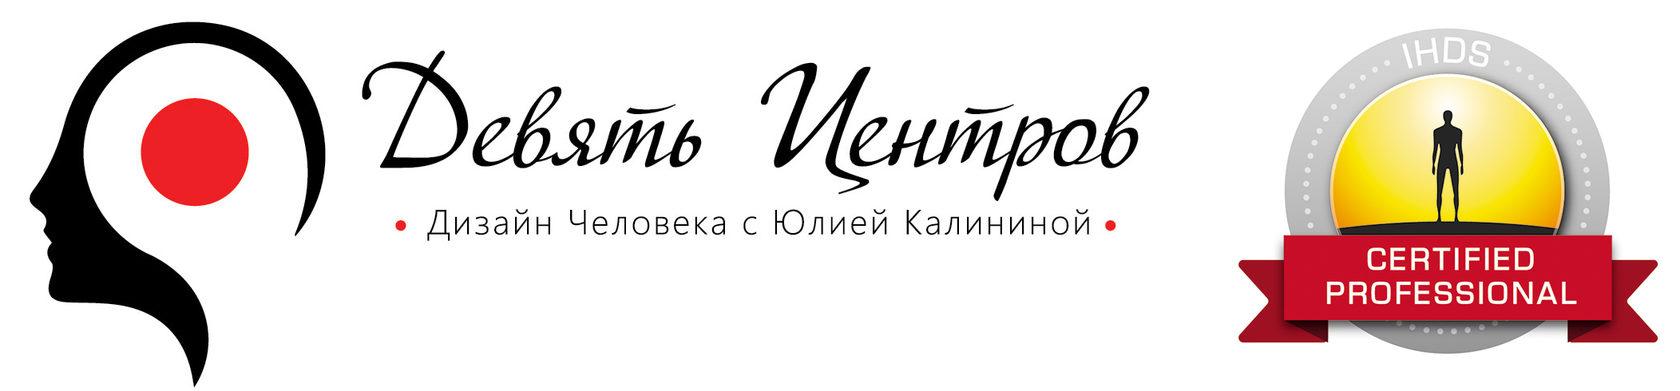 Дизайн Человека - цены на консультации у профессионального Аналитика и Учителя Системы - Юлии Калининой.